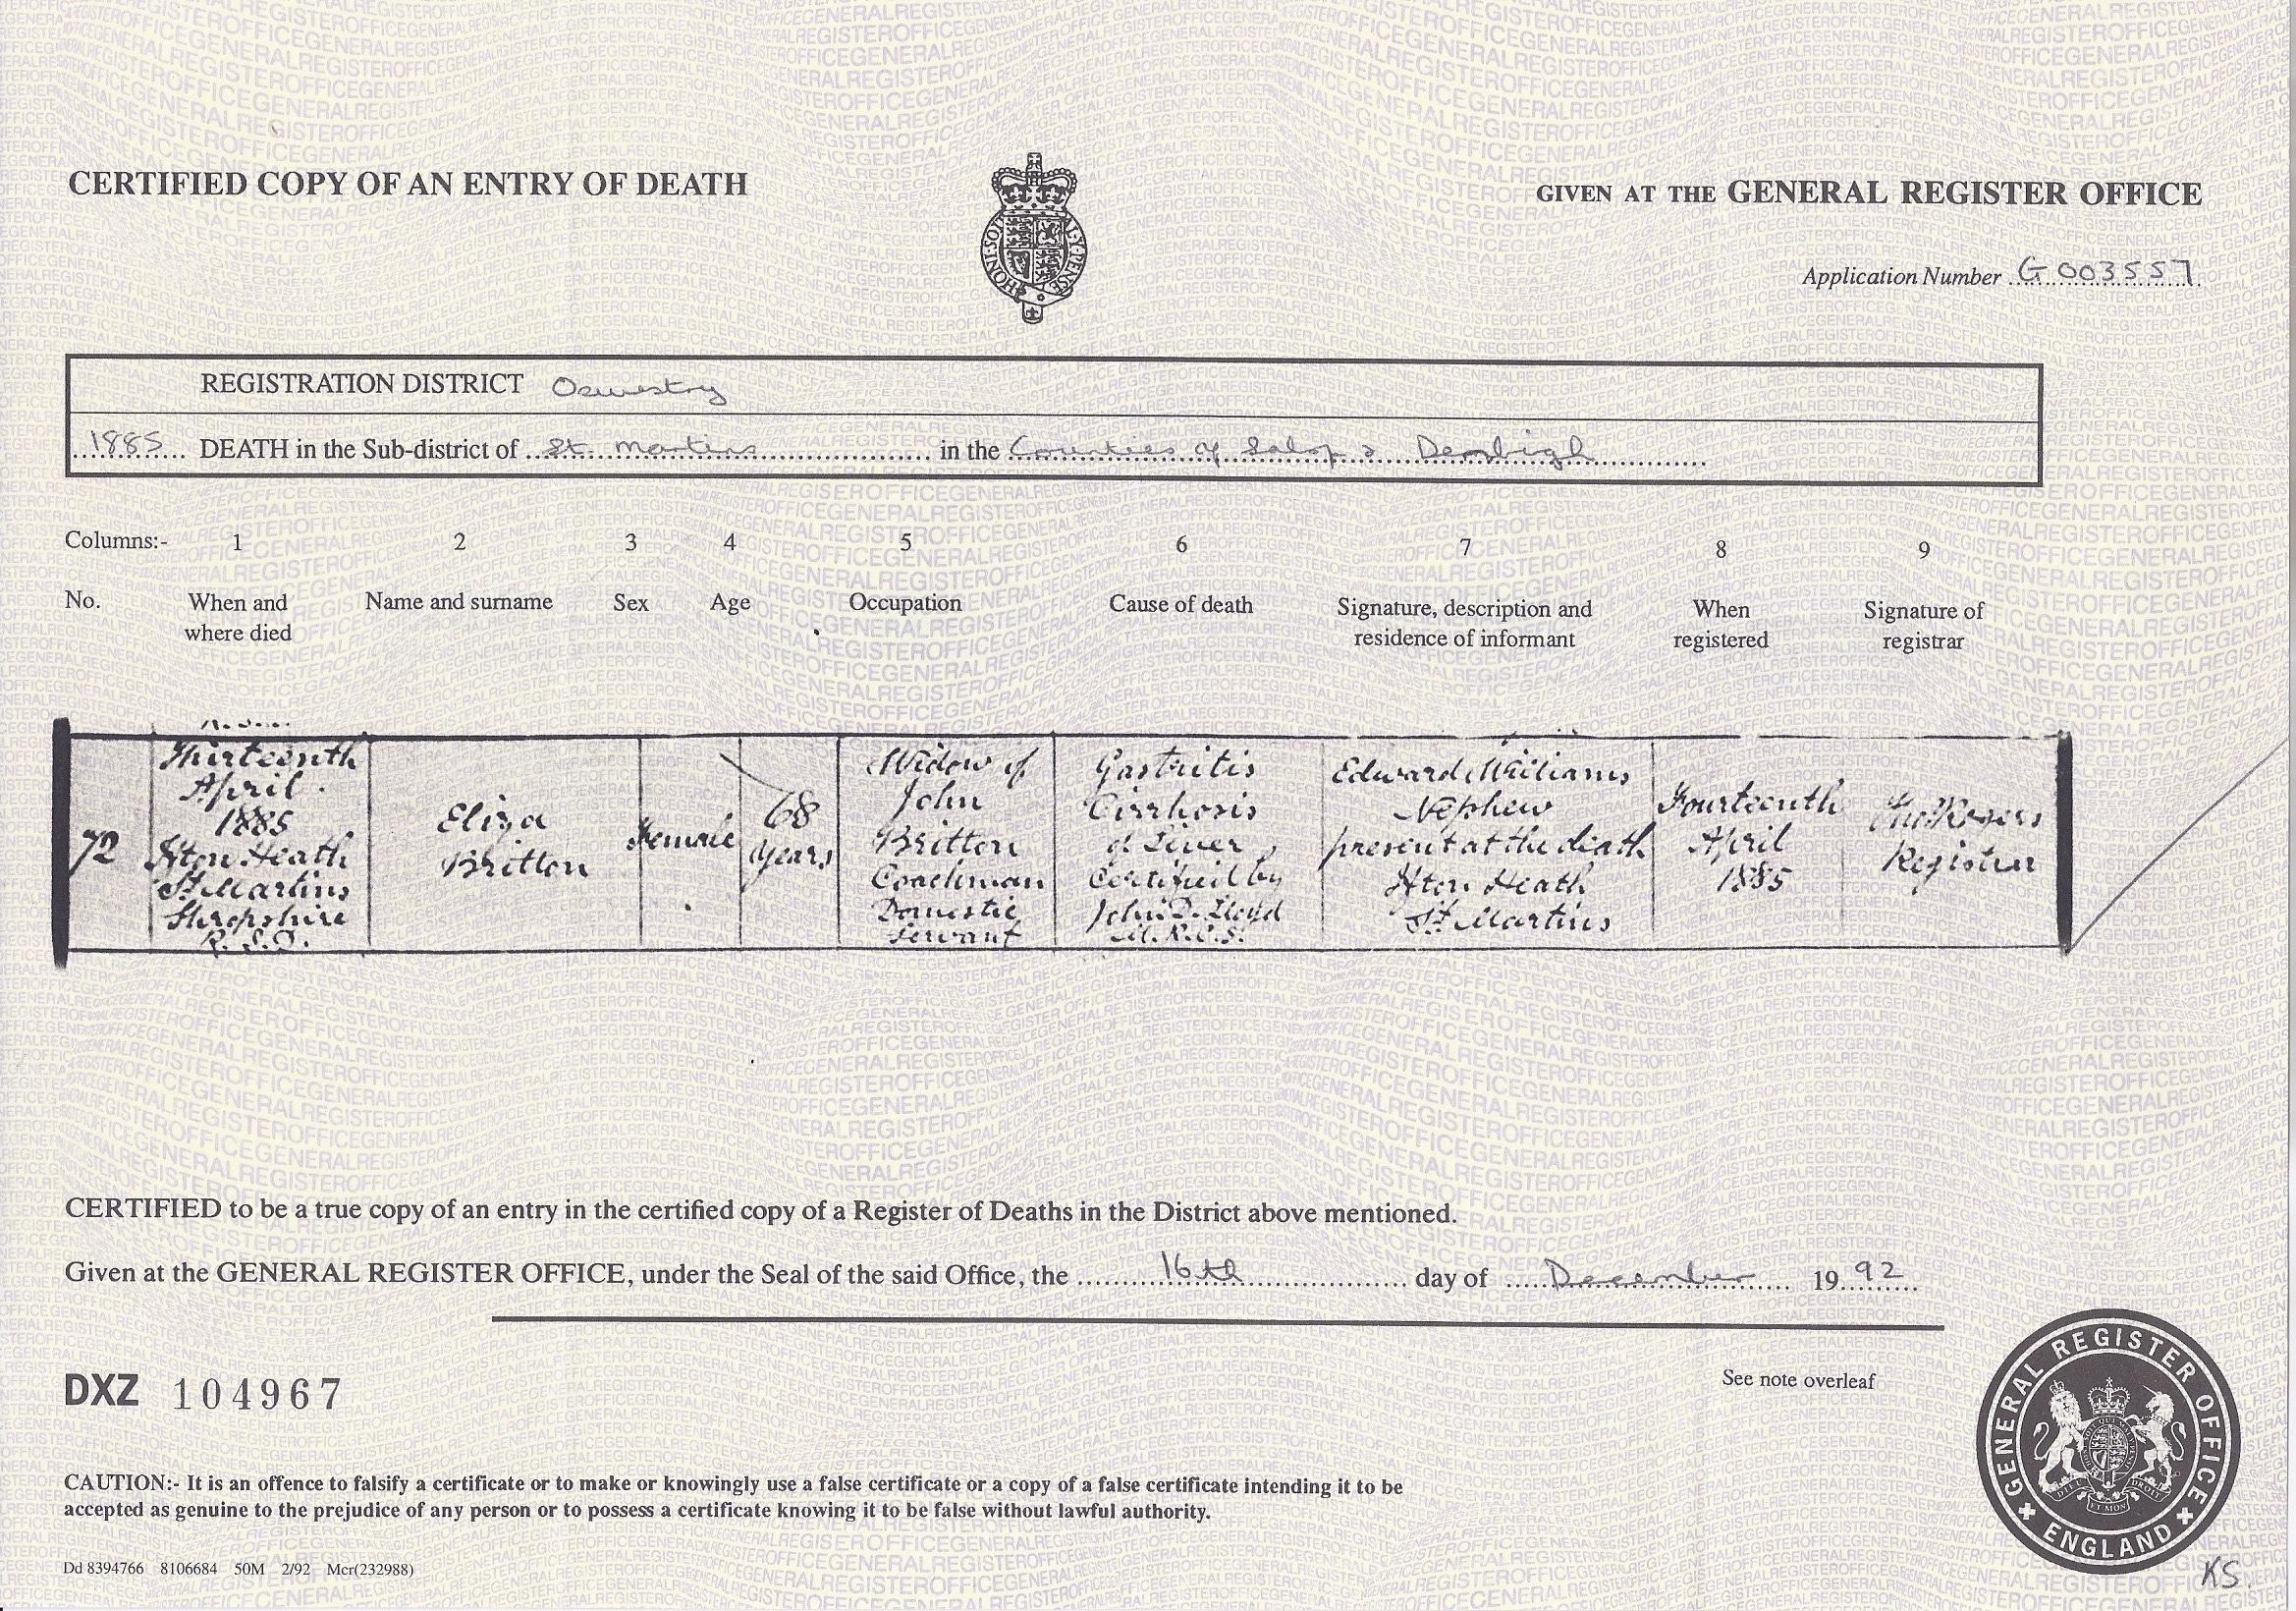 Eliza (Snr.) Britton's Death Certificate